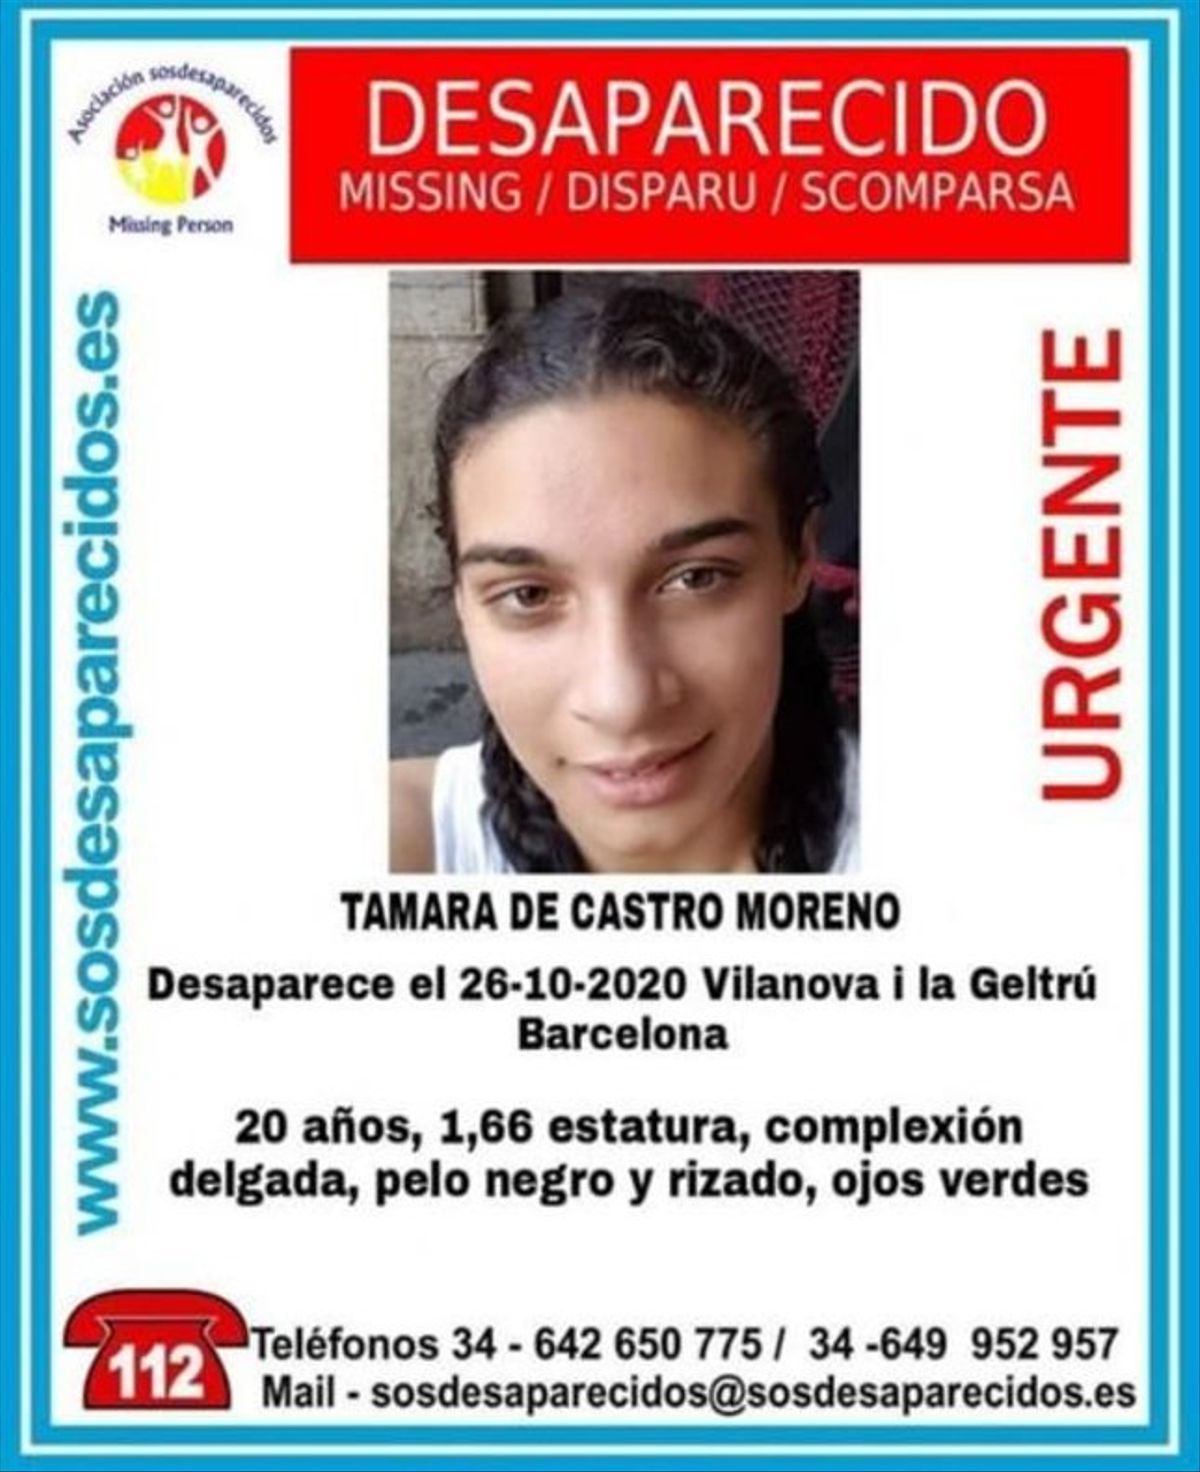 Alerta difundida por Sos Desaparecidos para buscar a la joven, cuyo rastro se perdió el pasado 26 de octubre en Vilanova i la Geltrú.